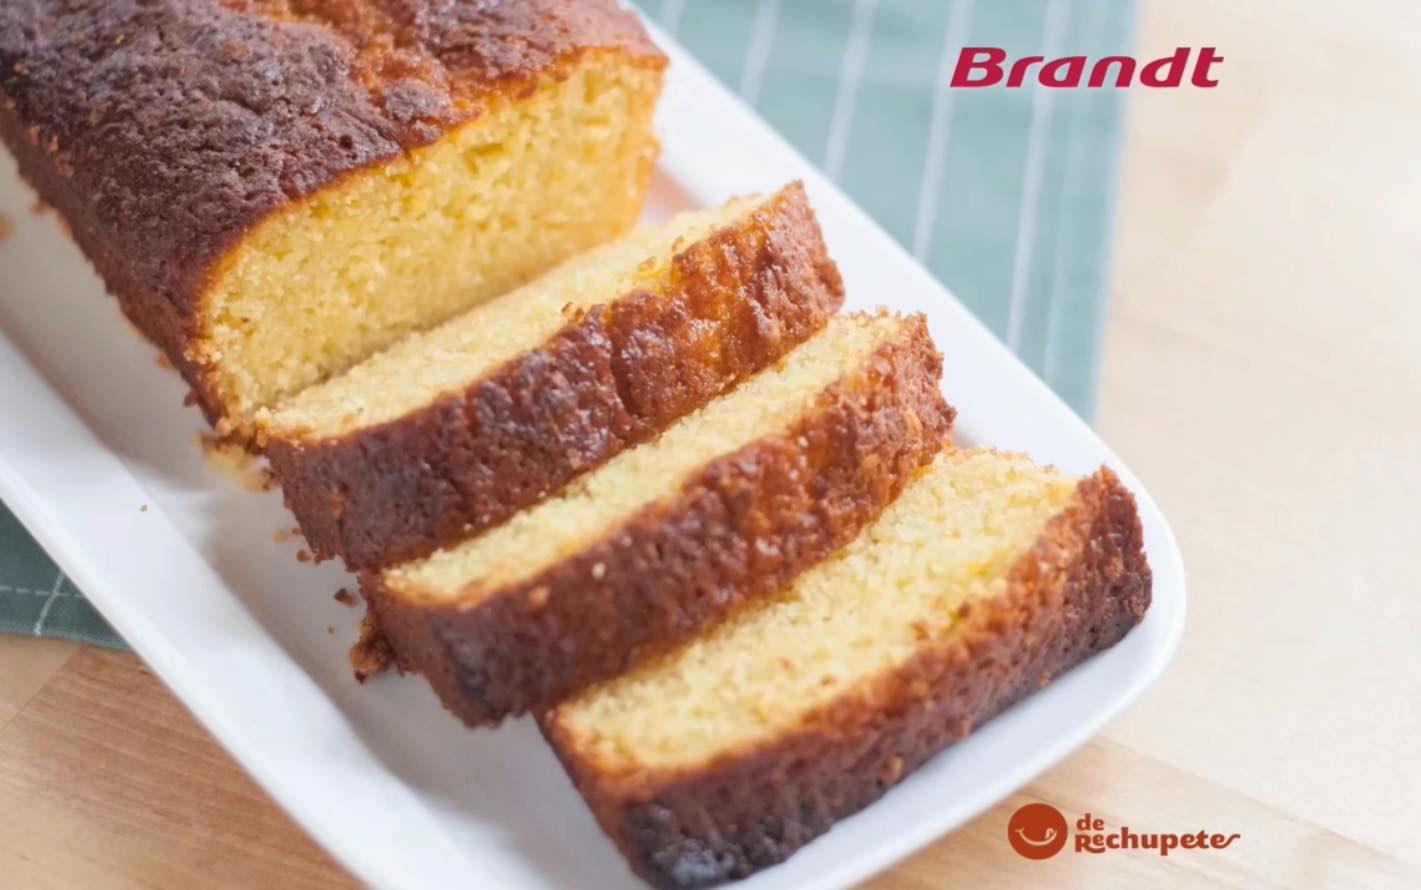 Receta Exprés Brandt: Bizcocho de naranja